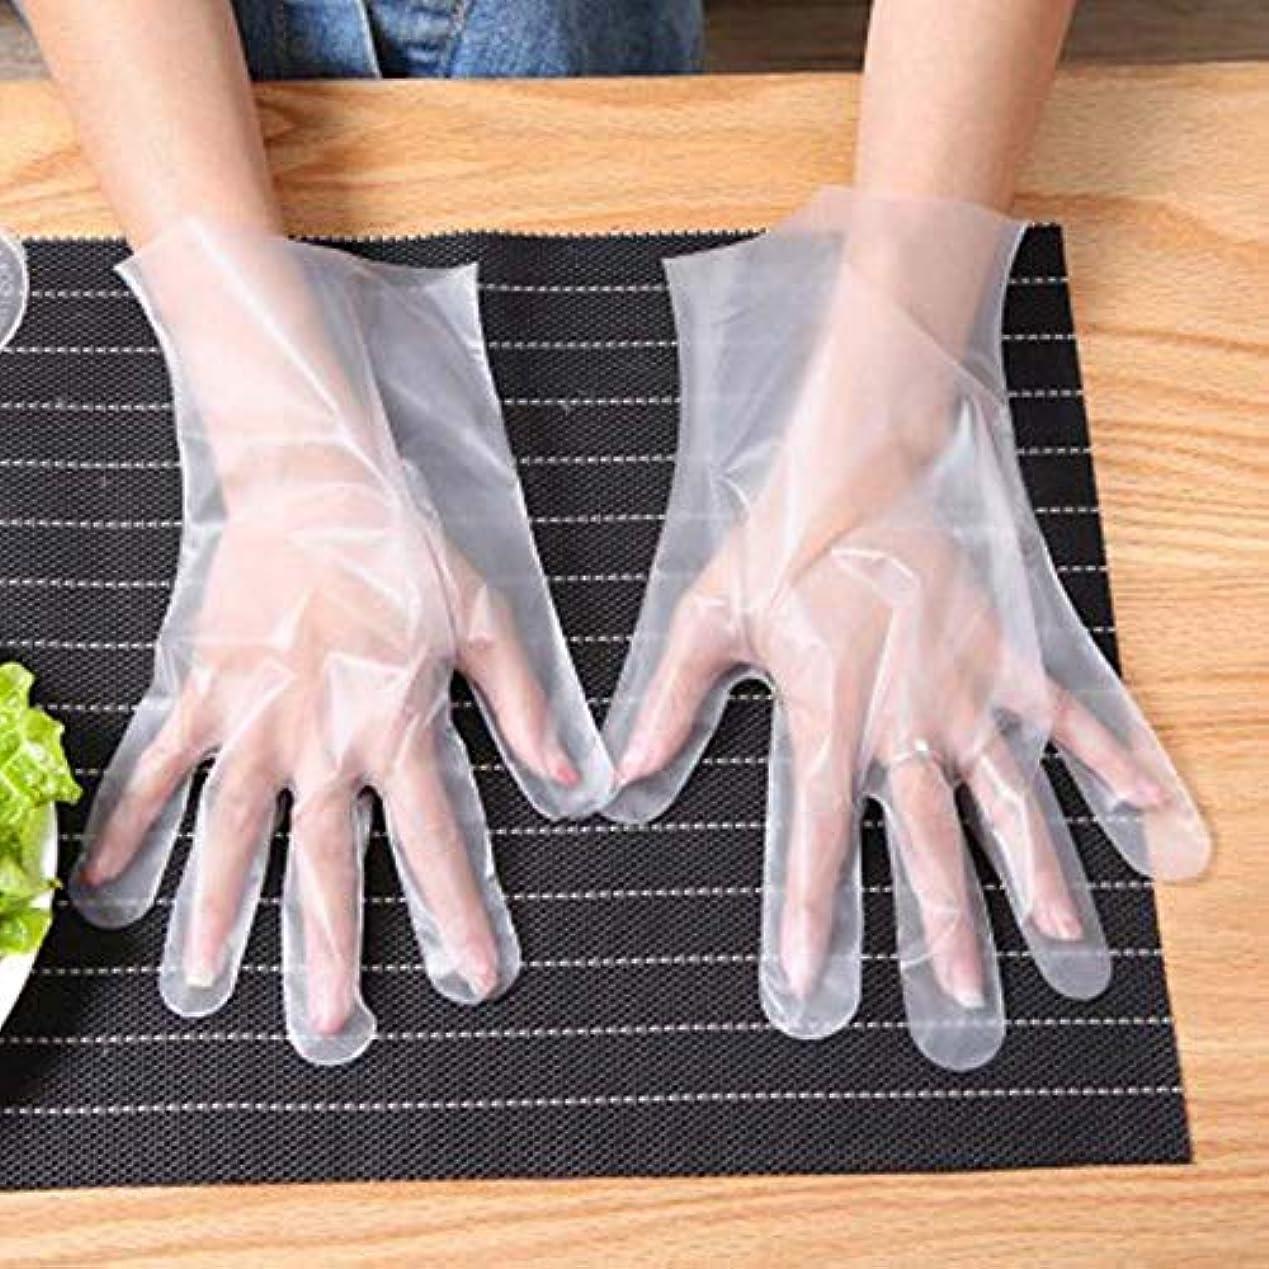 ティーム凝縮する配分使い捨て手袋 世帯 食べ物 ケータリングキッチン 厚くする プラスチック透明 グローブ 個別にパッケージ化されたCPE 100 /箱